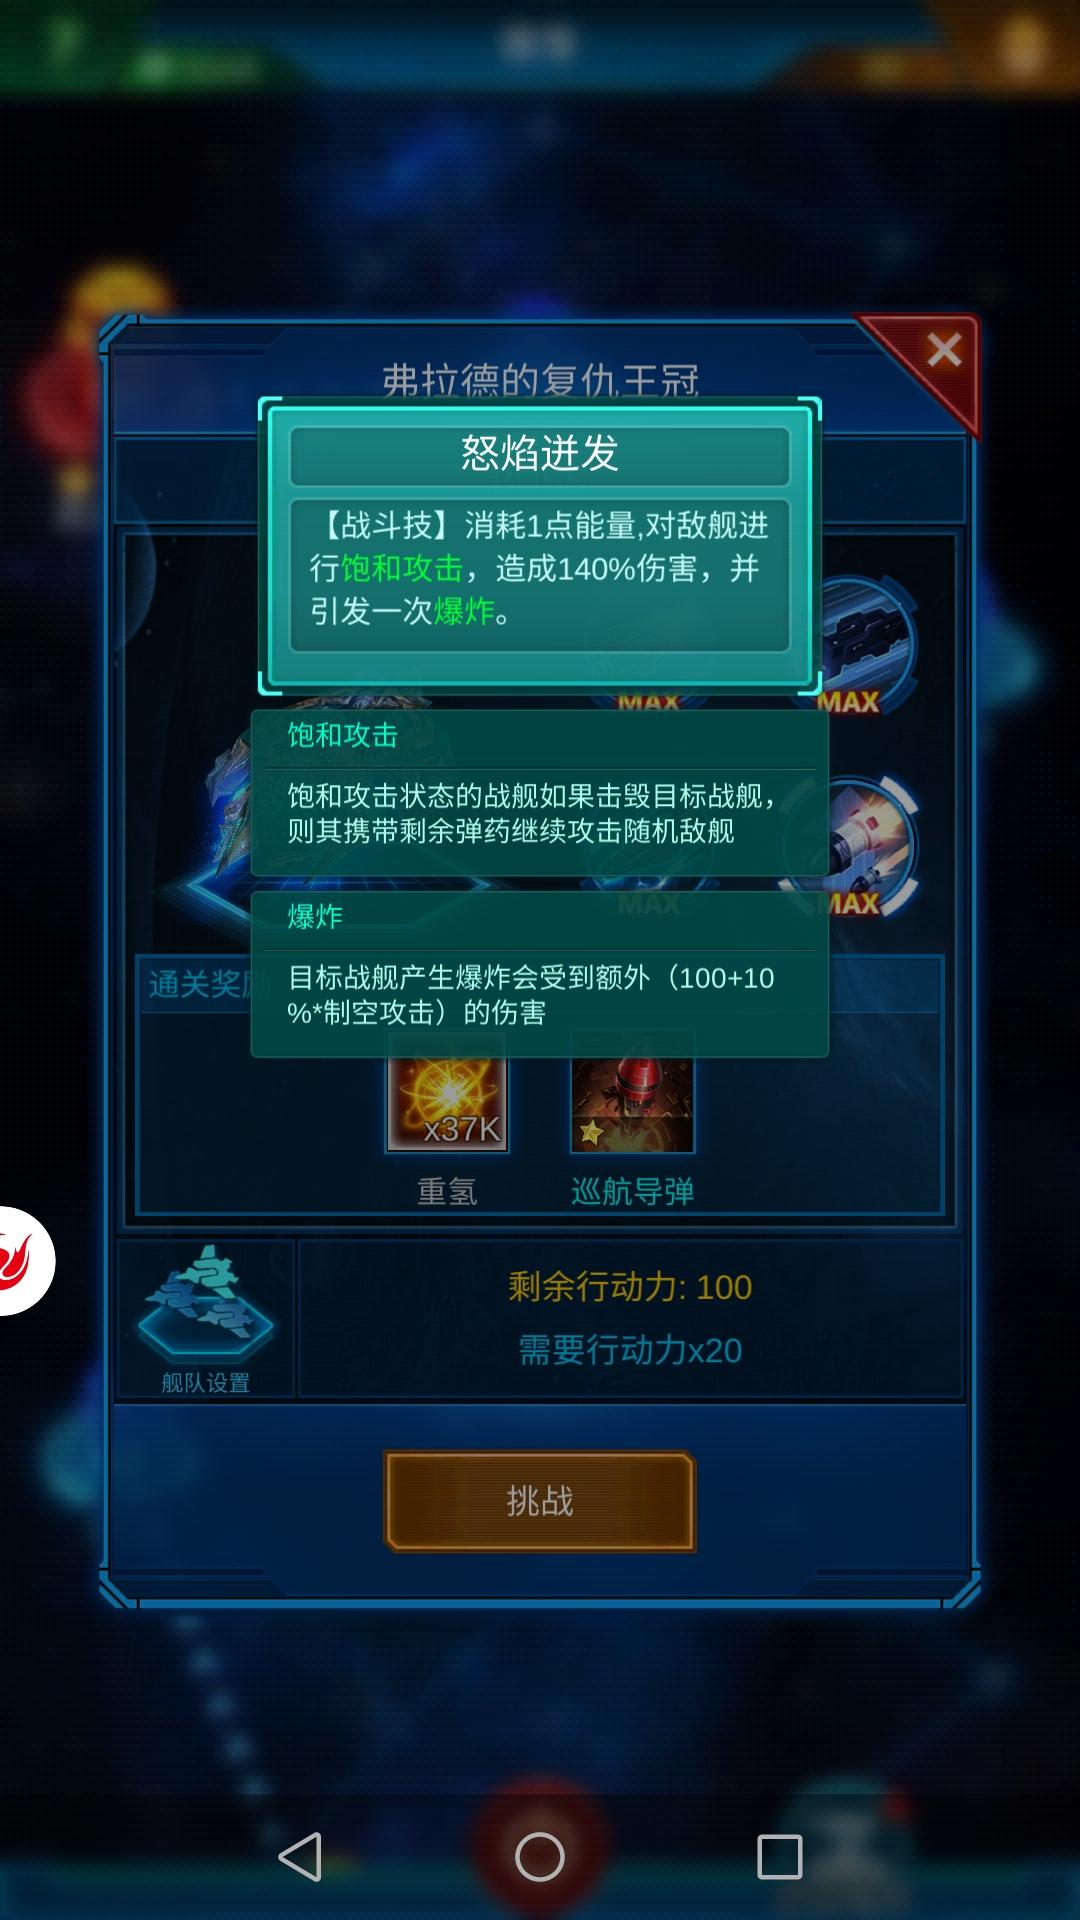 Screenshot_20200409-185736.jpg